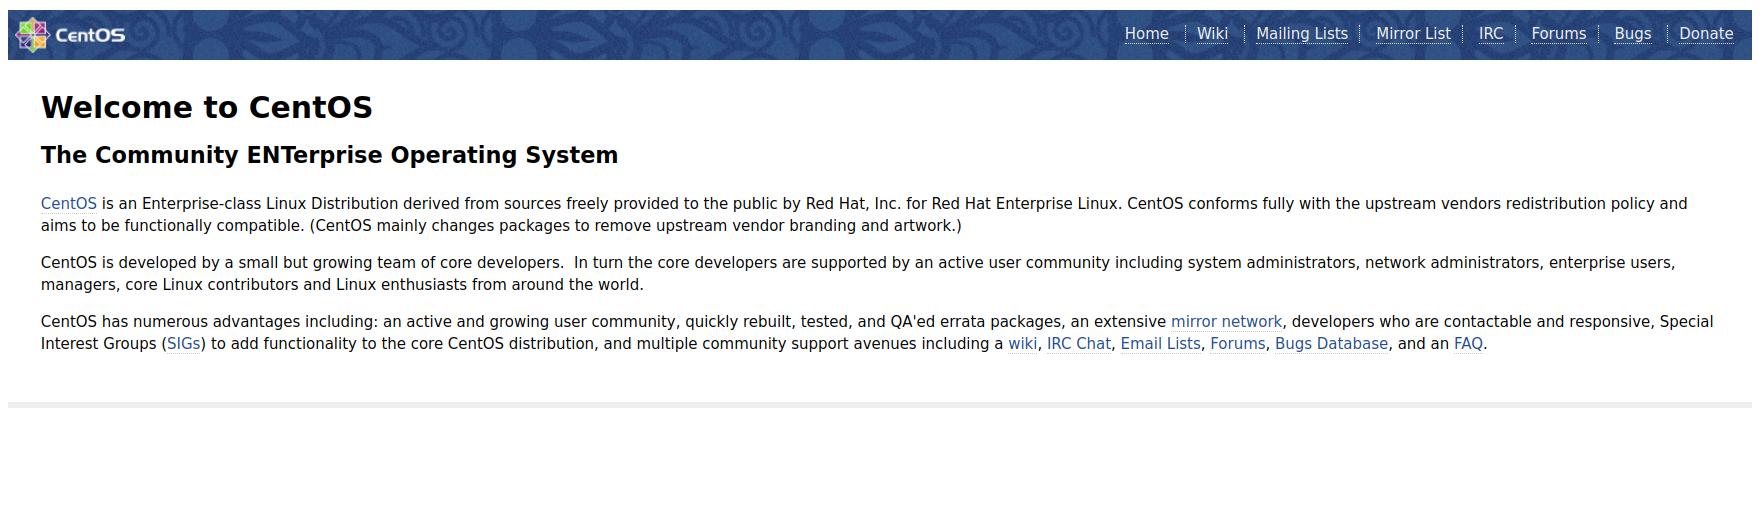 如何在CentOS 7上安装LEMP堆栈-WordPress极简博客